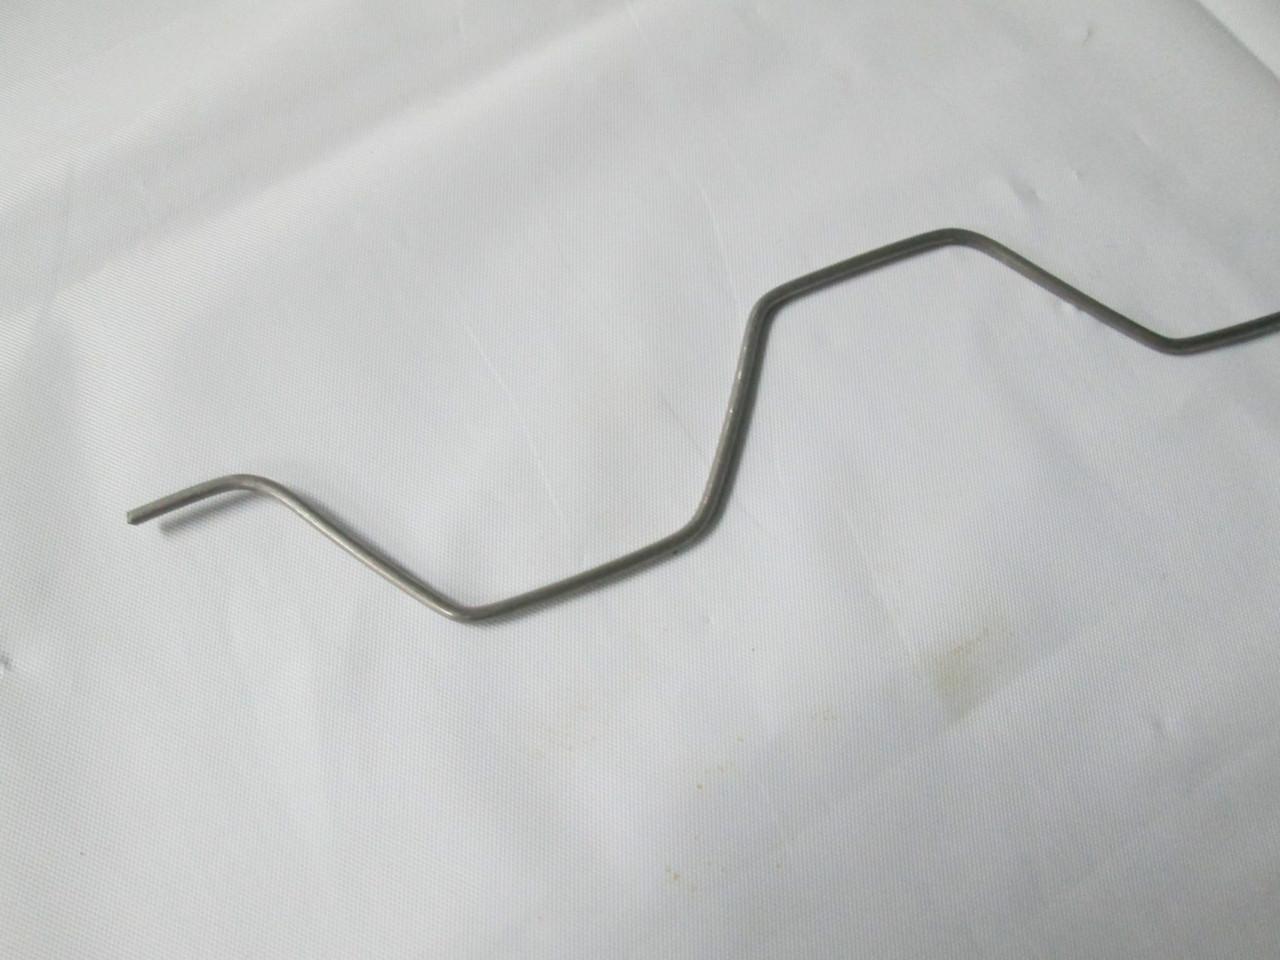 Проволока Экстра (пружина зиг-заг)  для комплектации профиля Экстра.